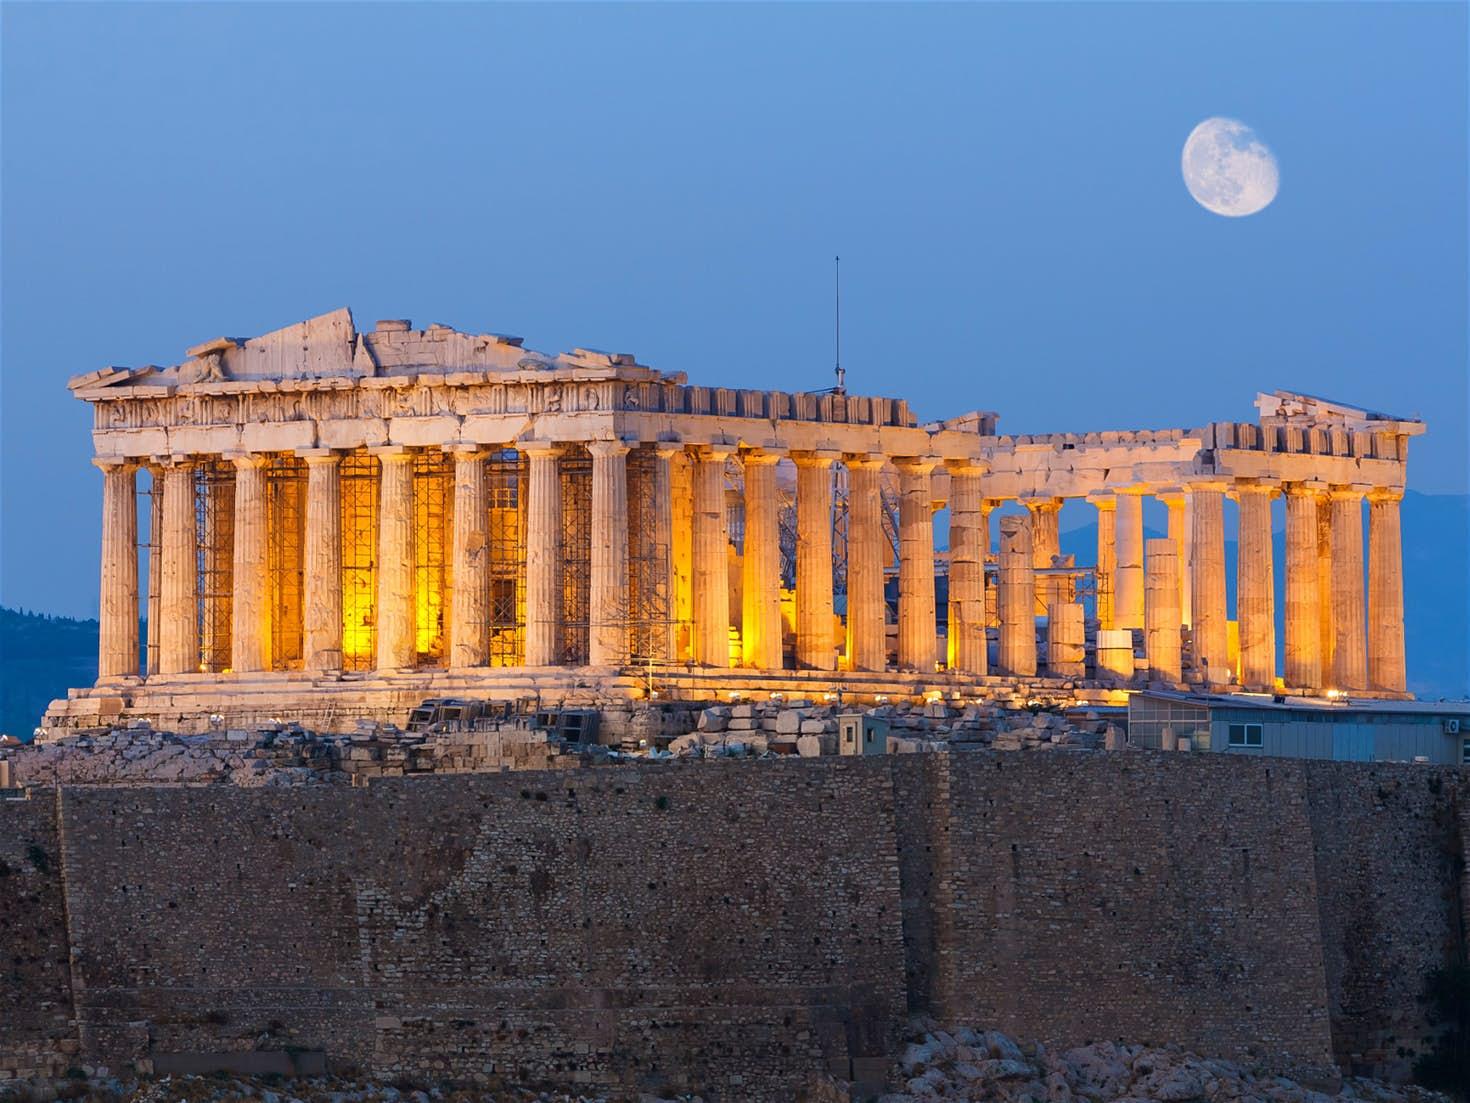 Parthenon-Acropolis-Athens-